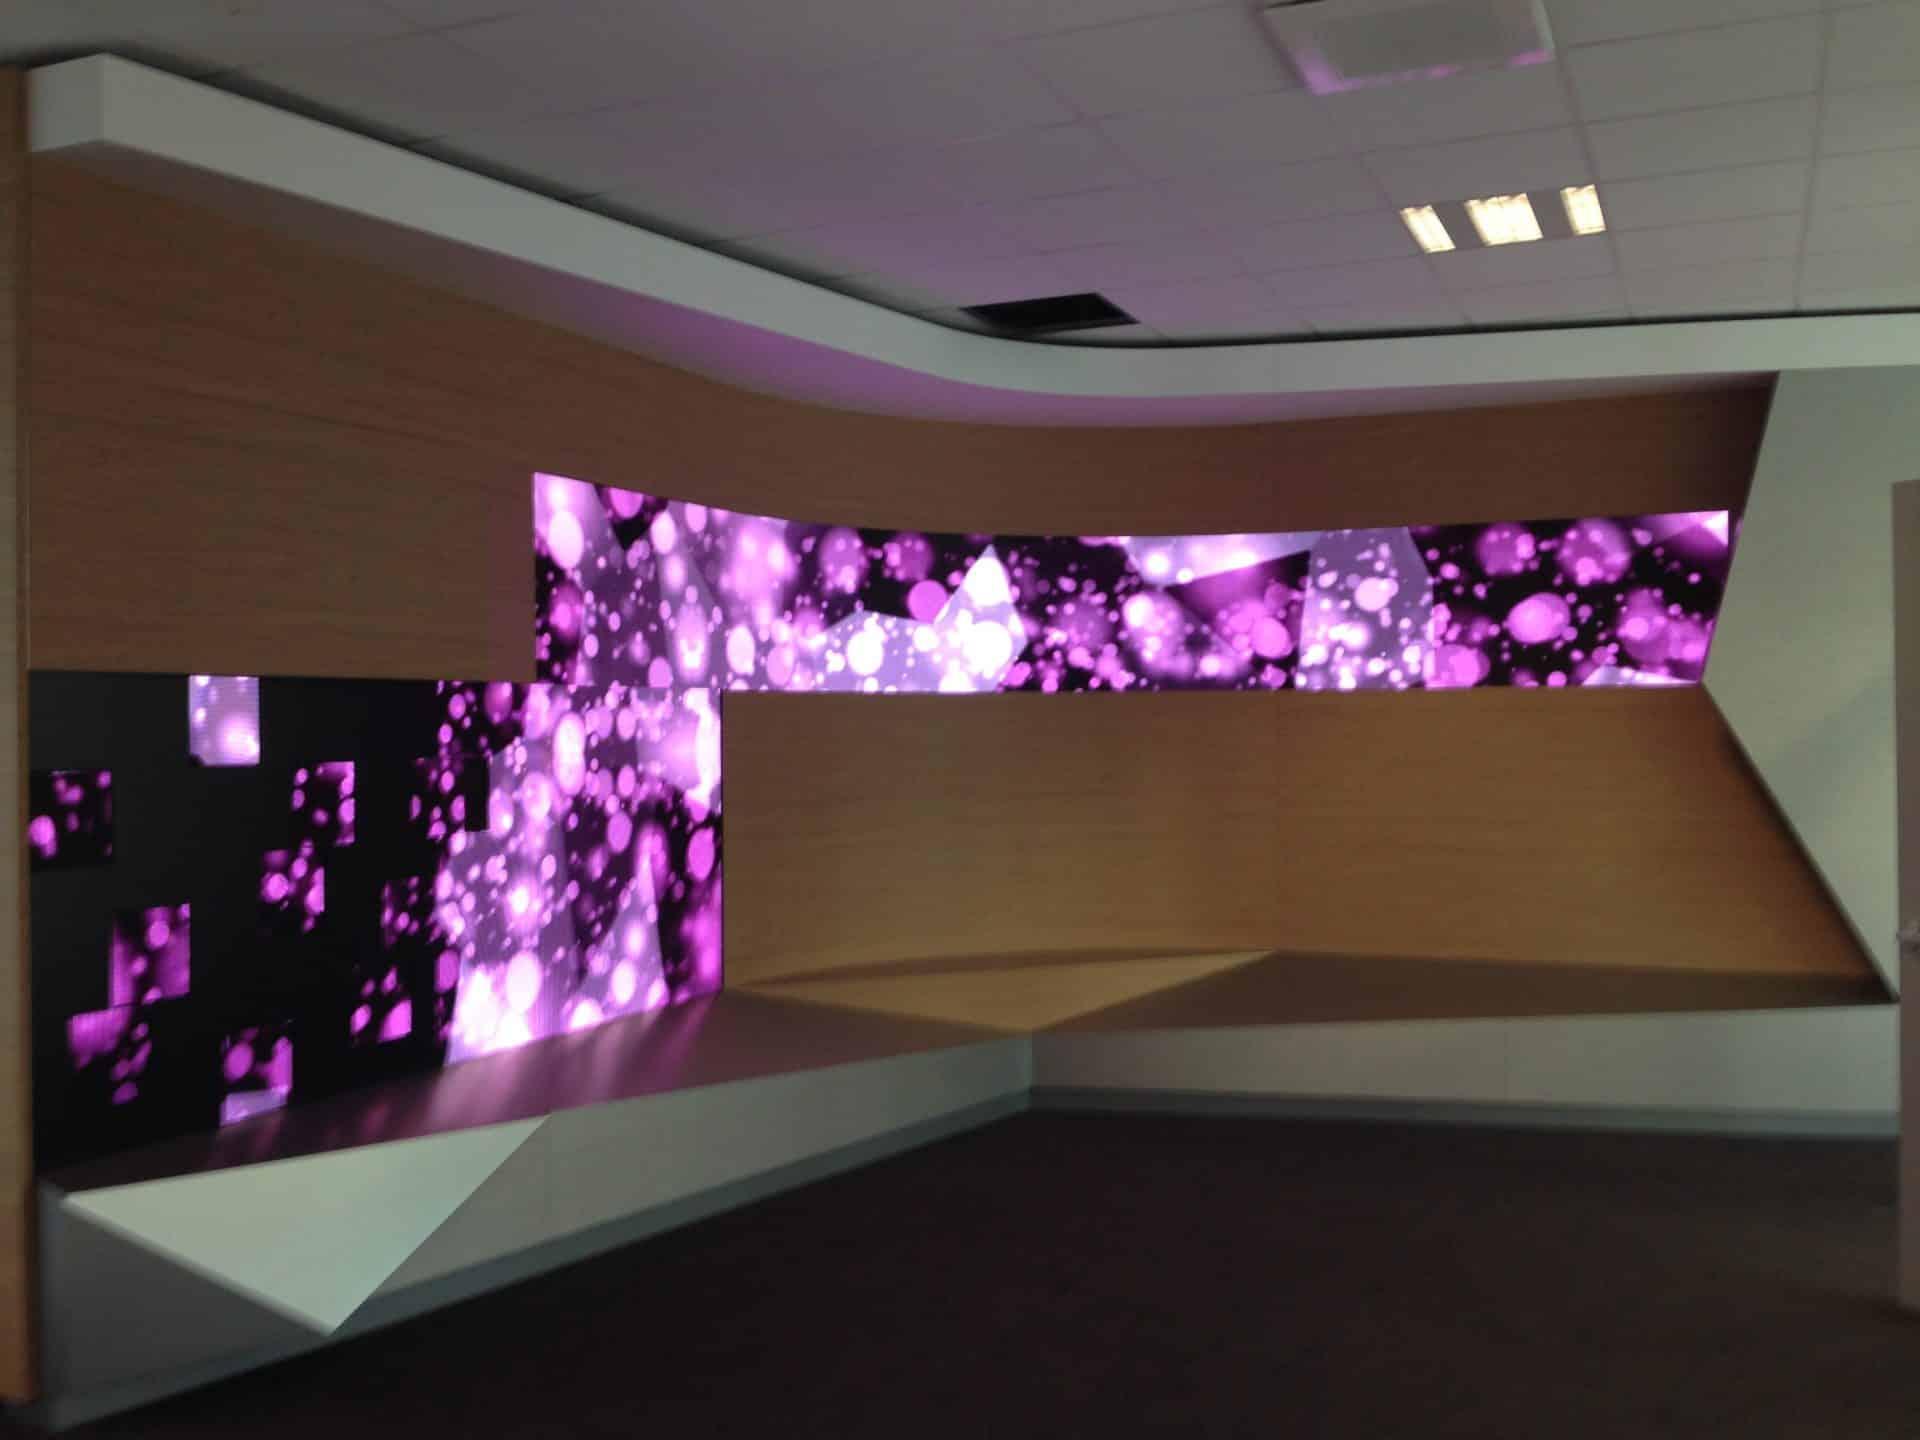 mur vidéo led interieur